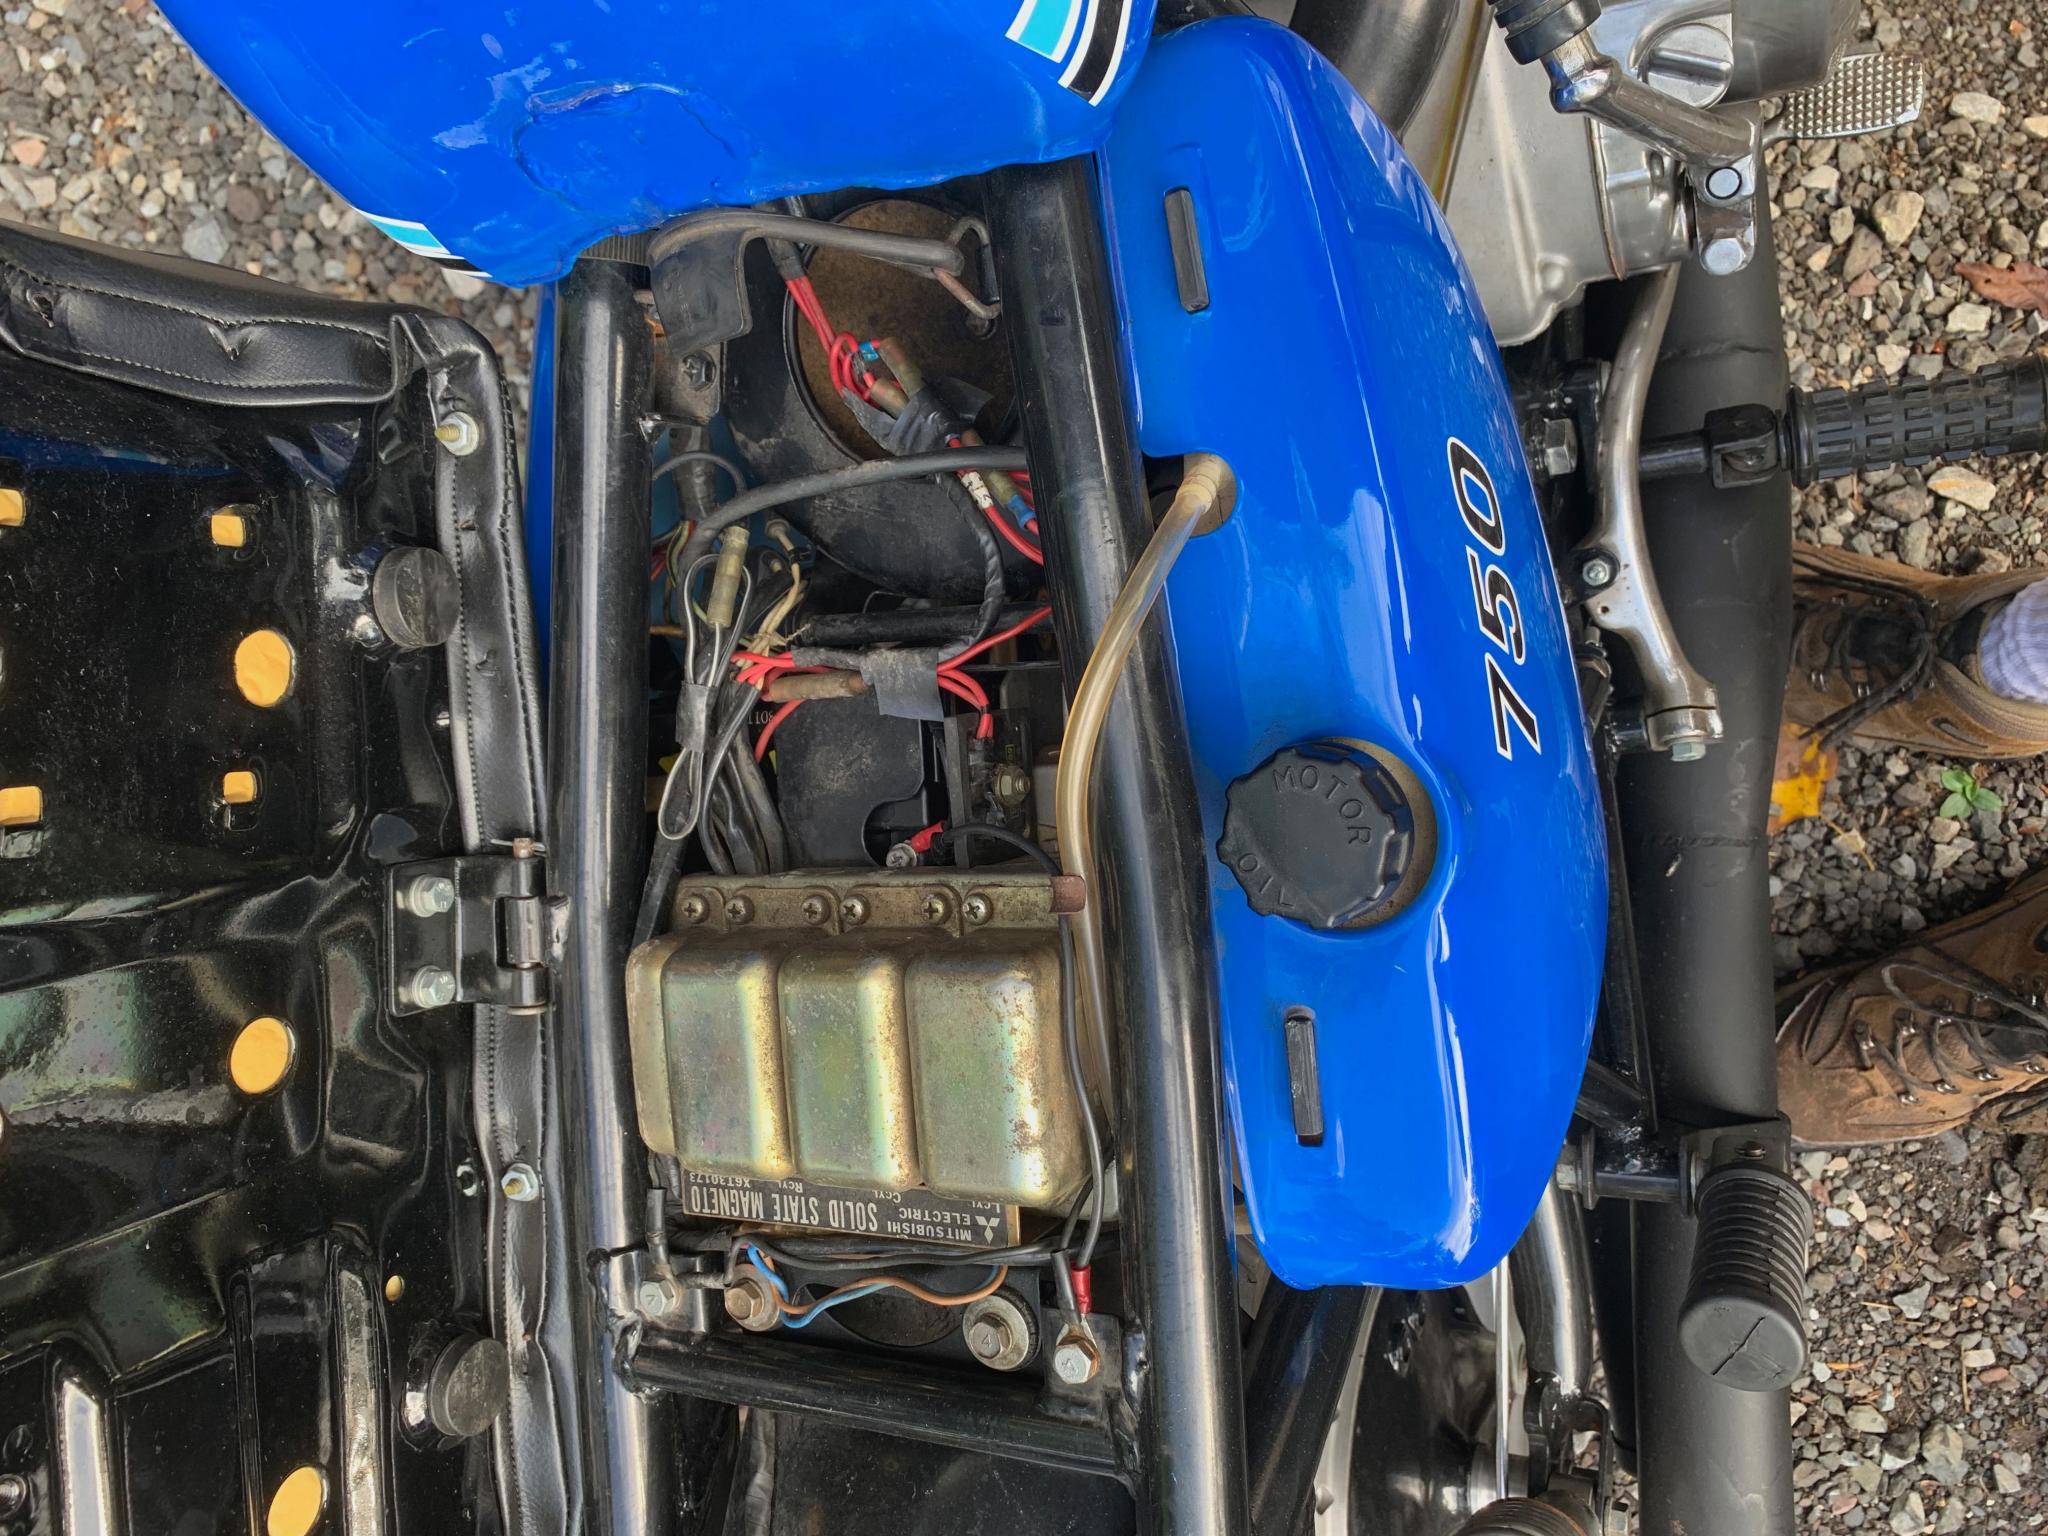 カワサキ 1972 Kawasaki SS750 車体写真6